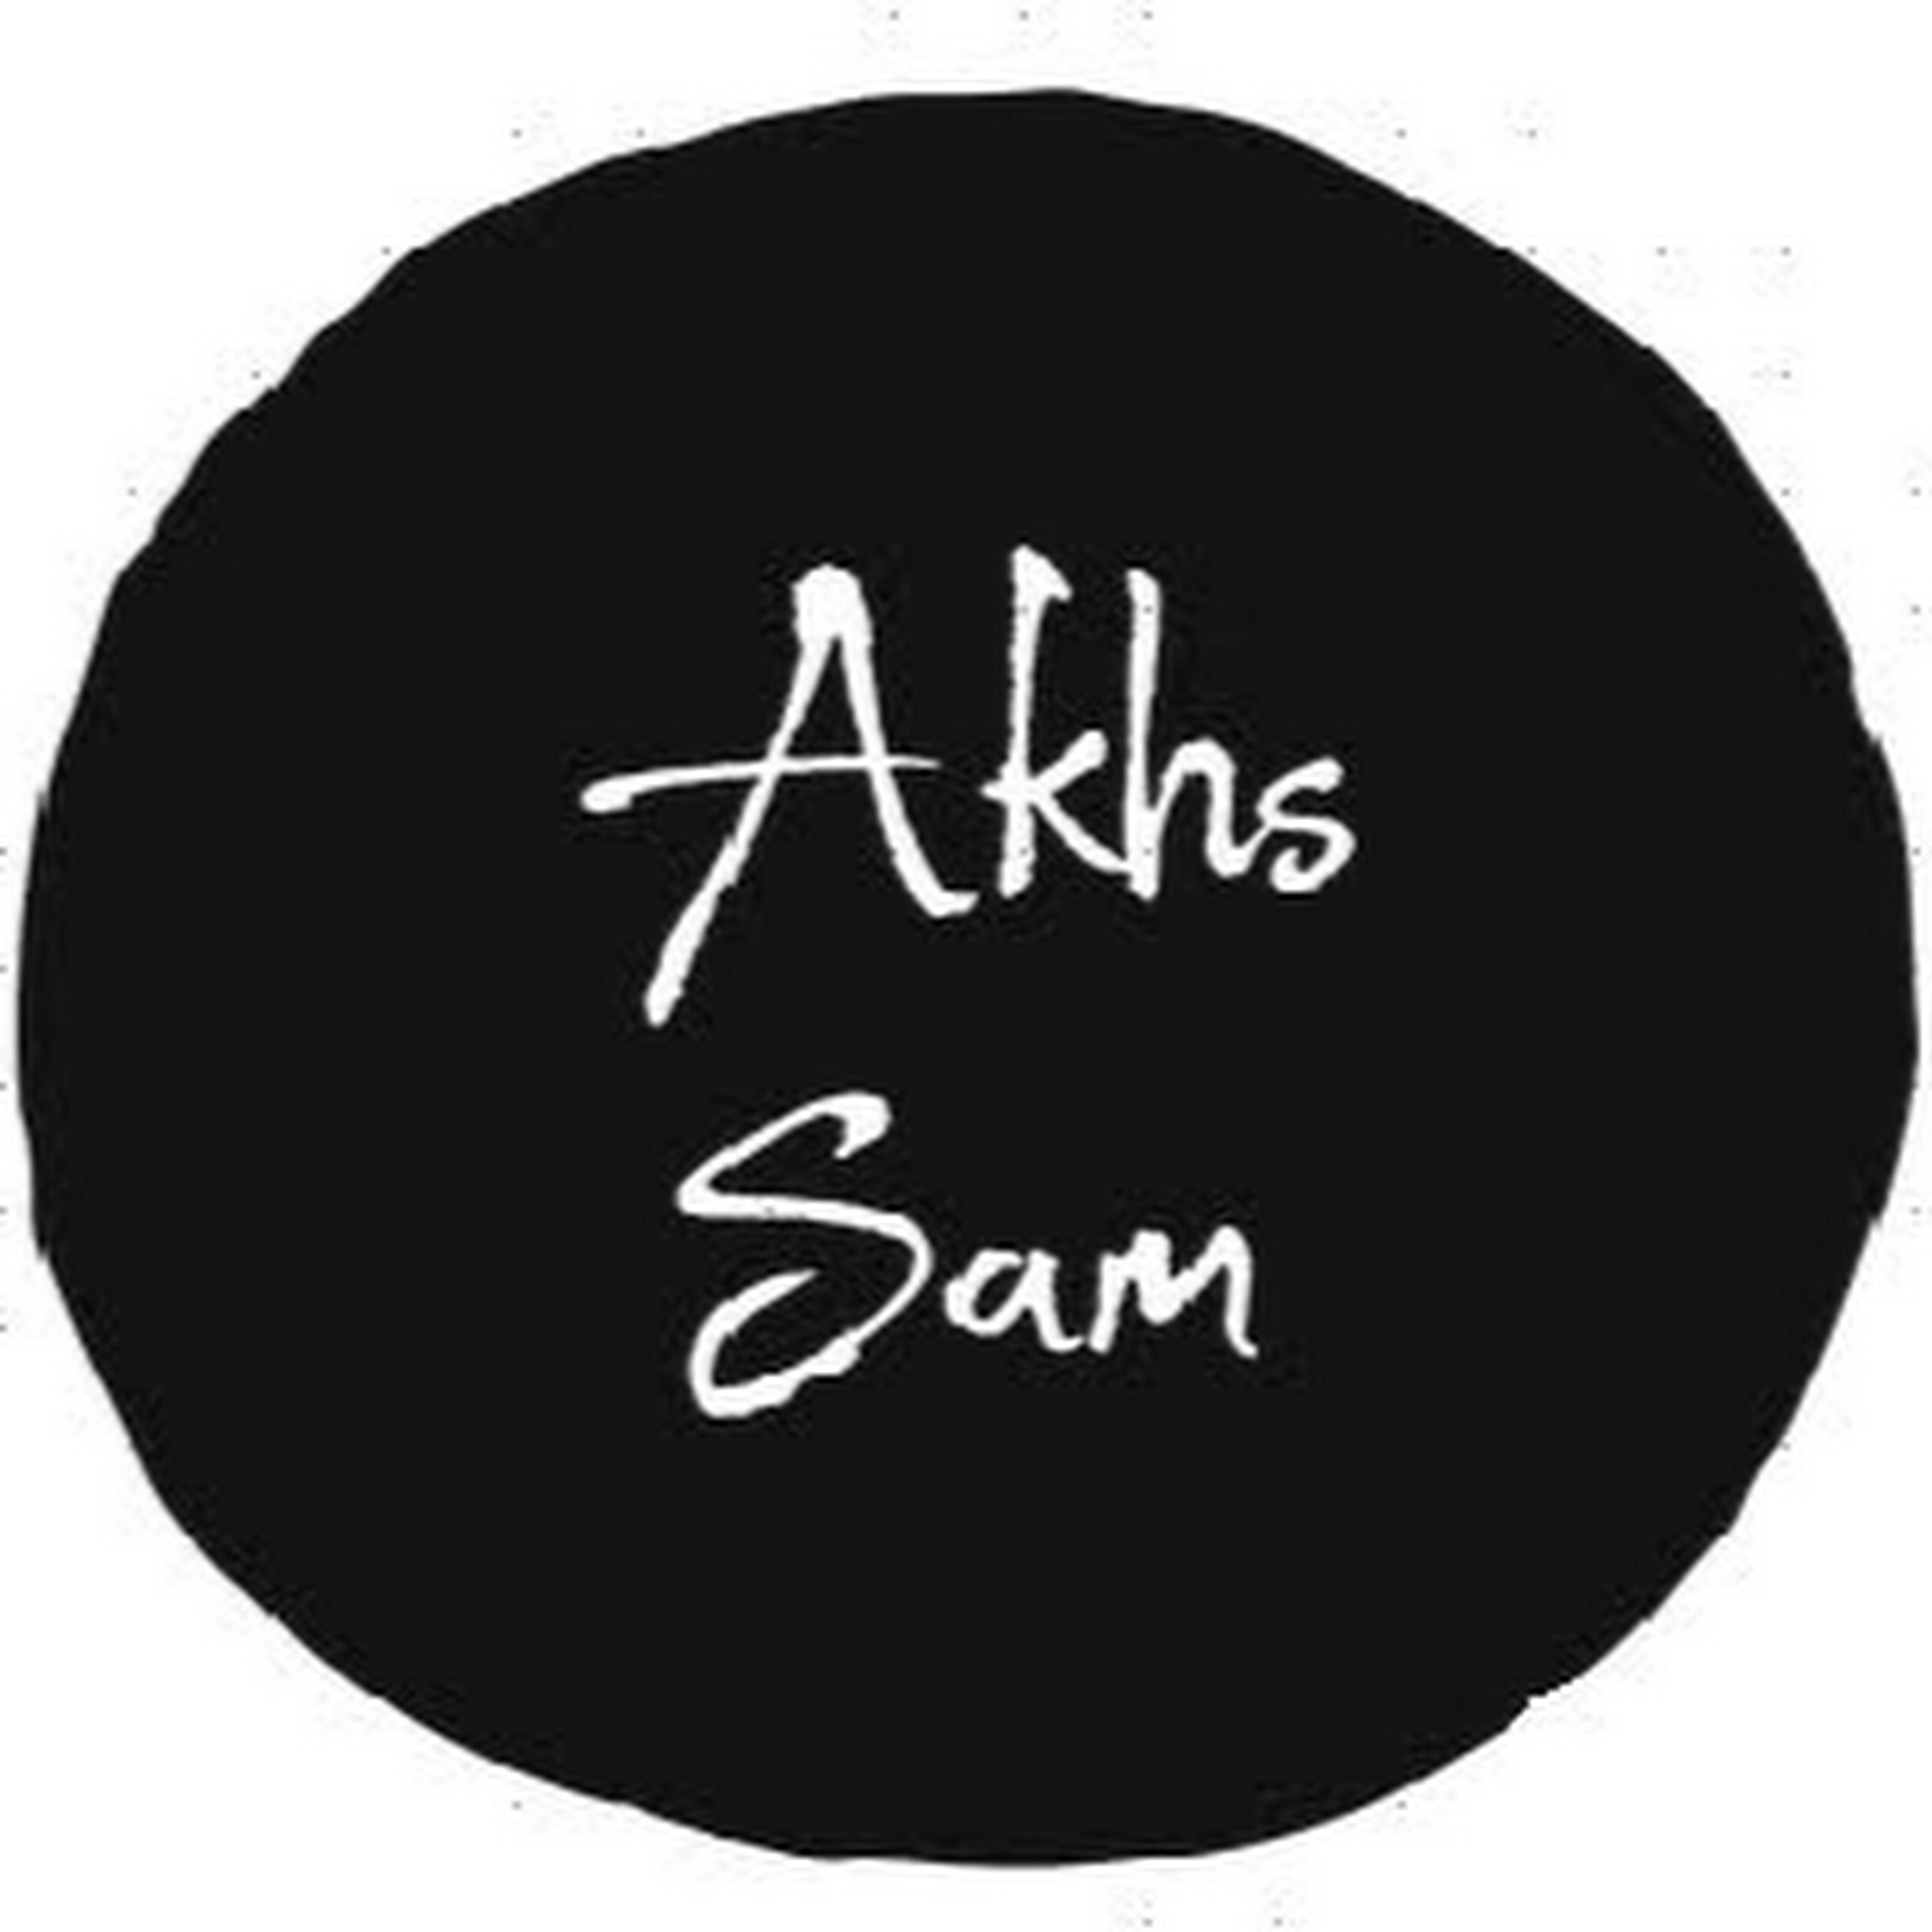 Akhsam